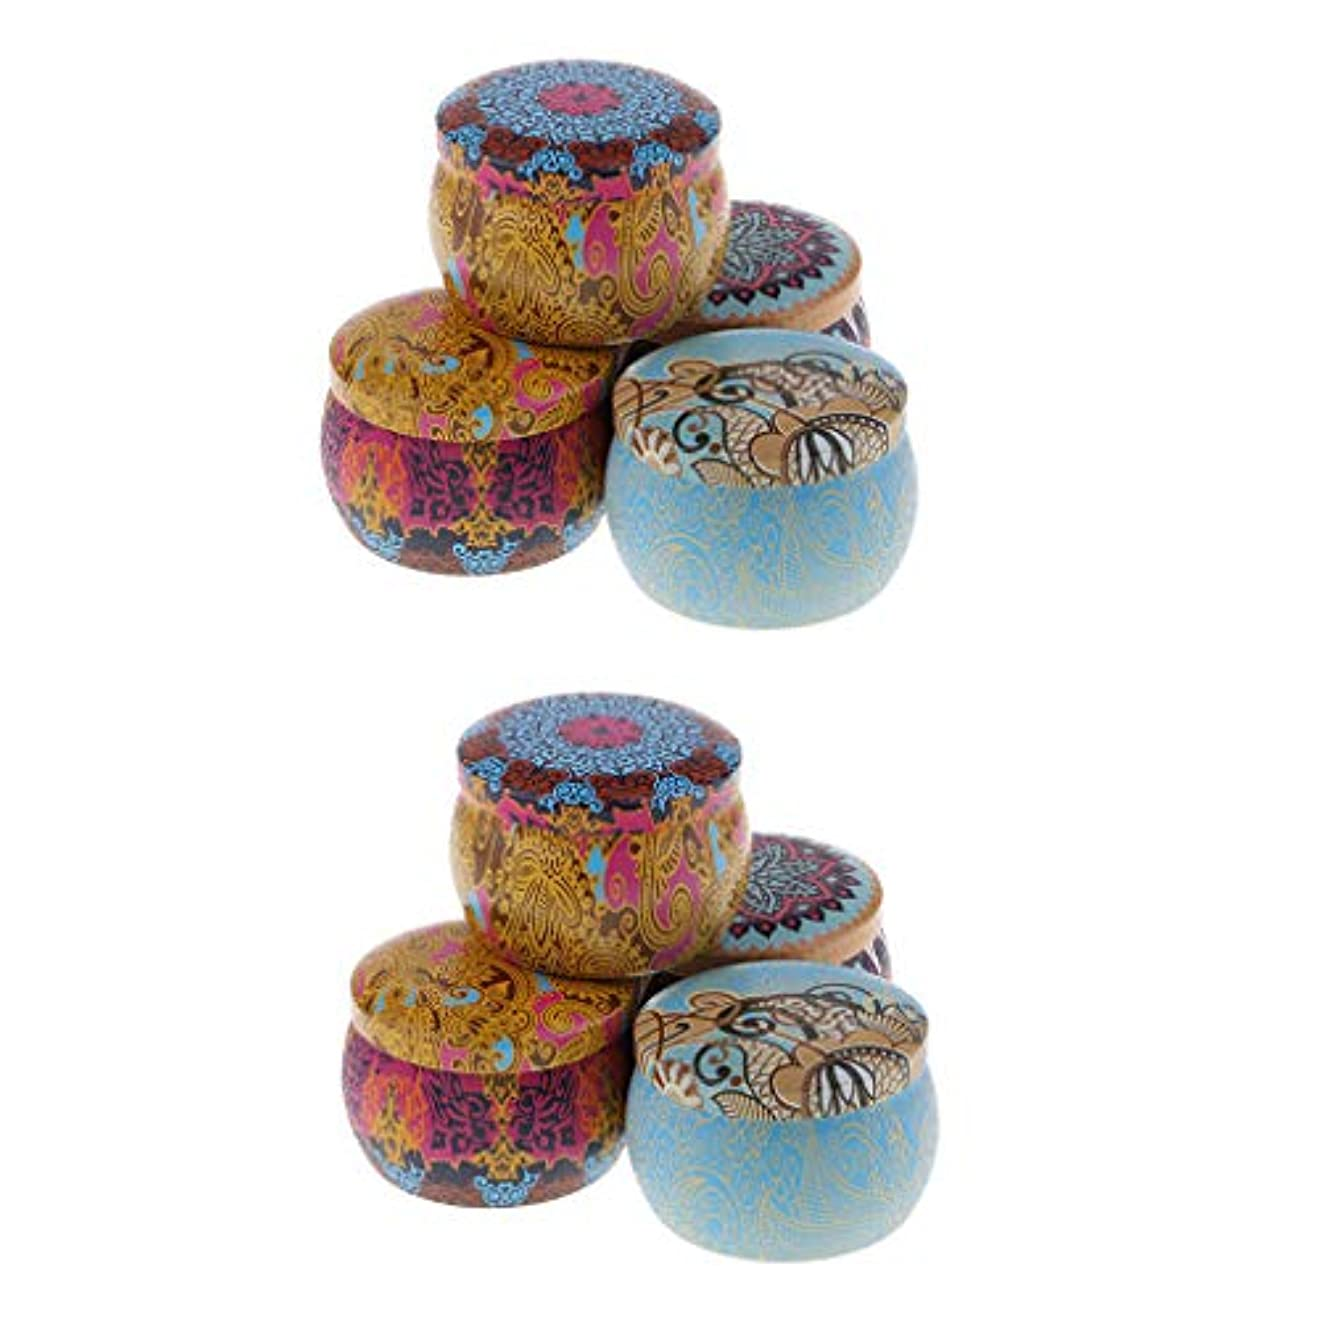 子供時代令状大胆アロマキャンドル 缶キャンドル 香りキャンドル スポータブル ナショナルスタイル 8個入り